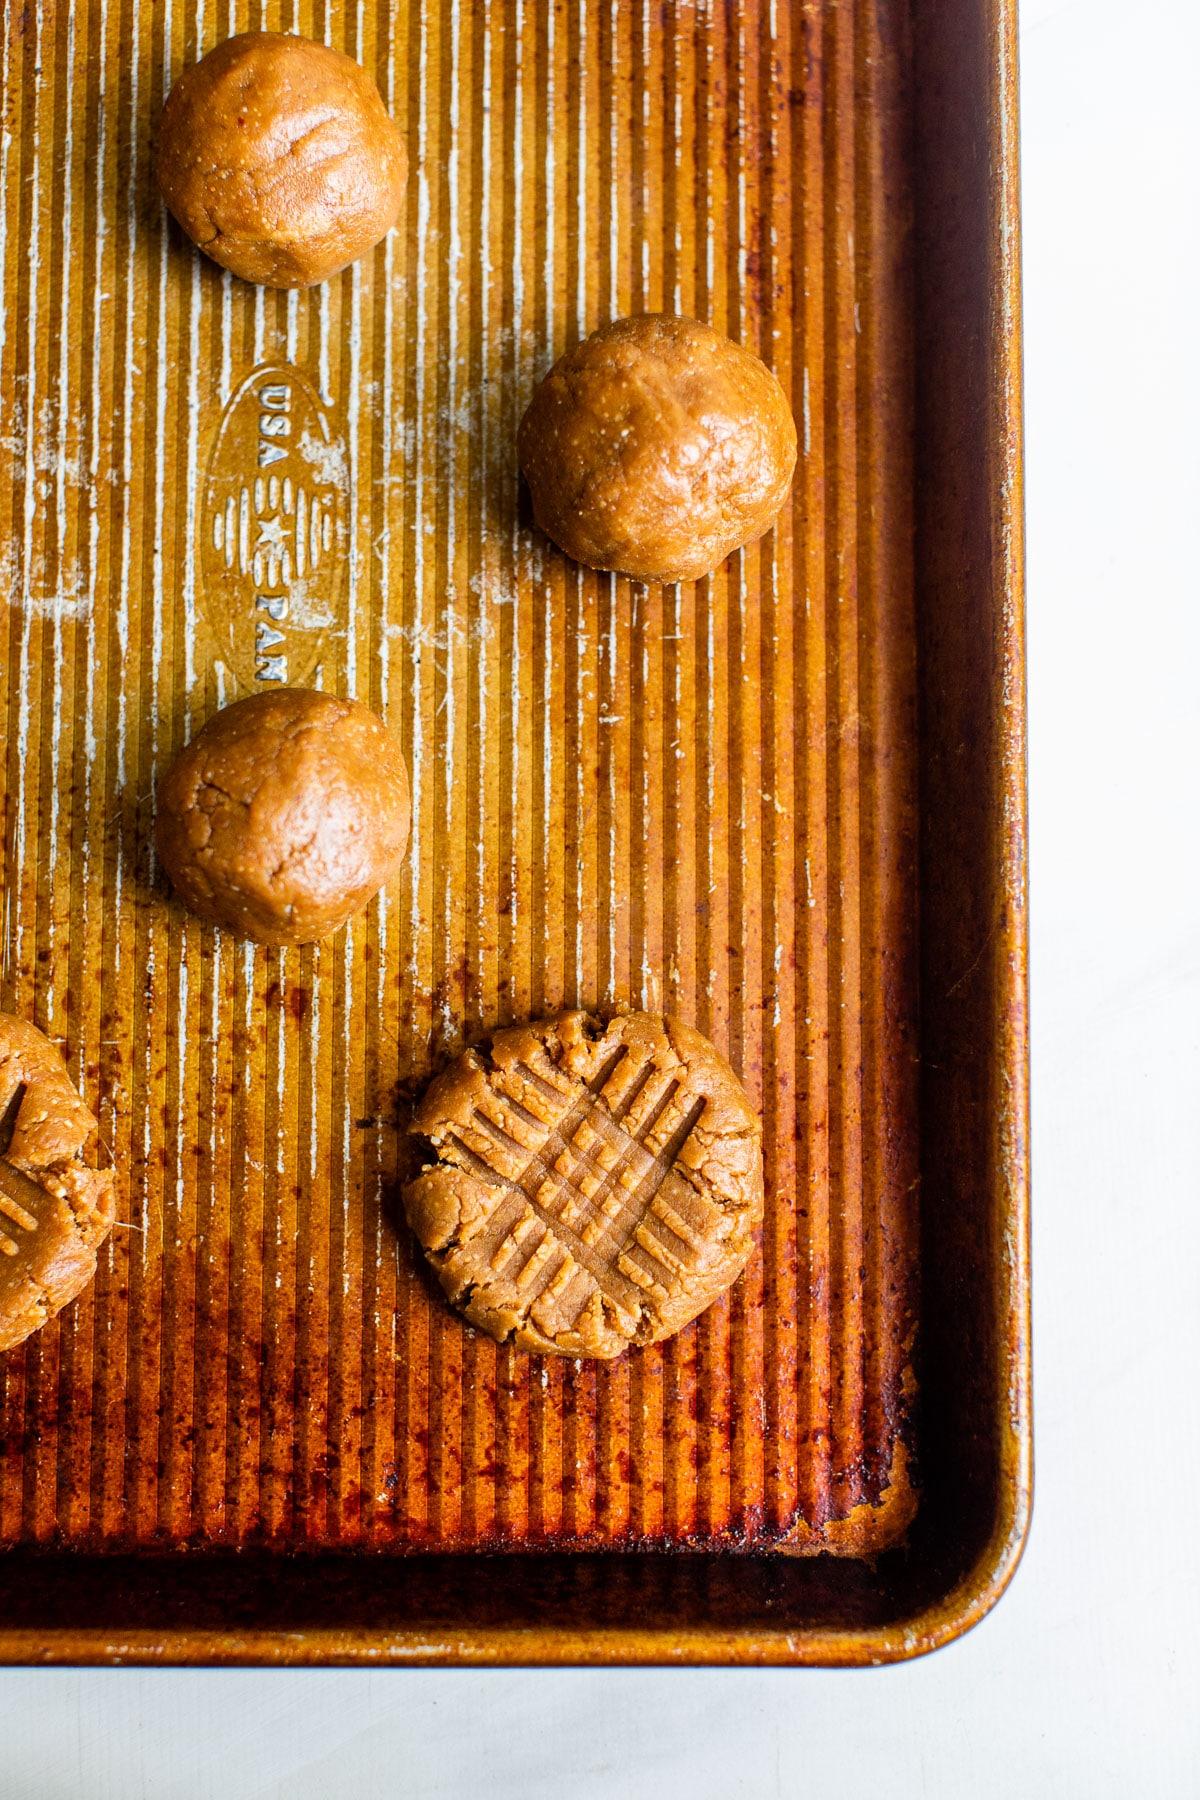 raw peanut butter cookie dough balls on a baking sheet